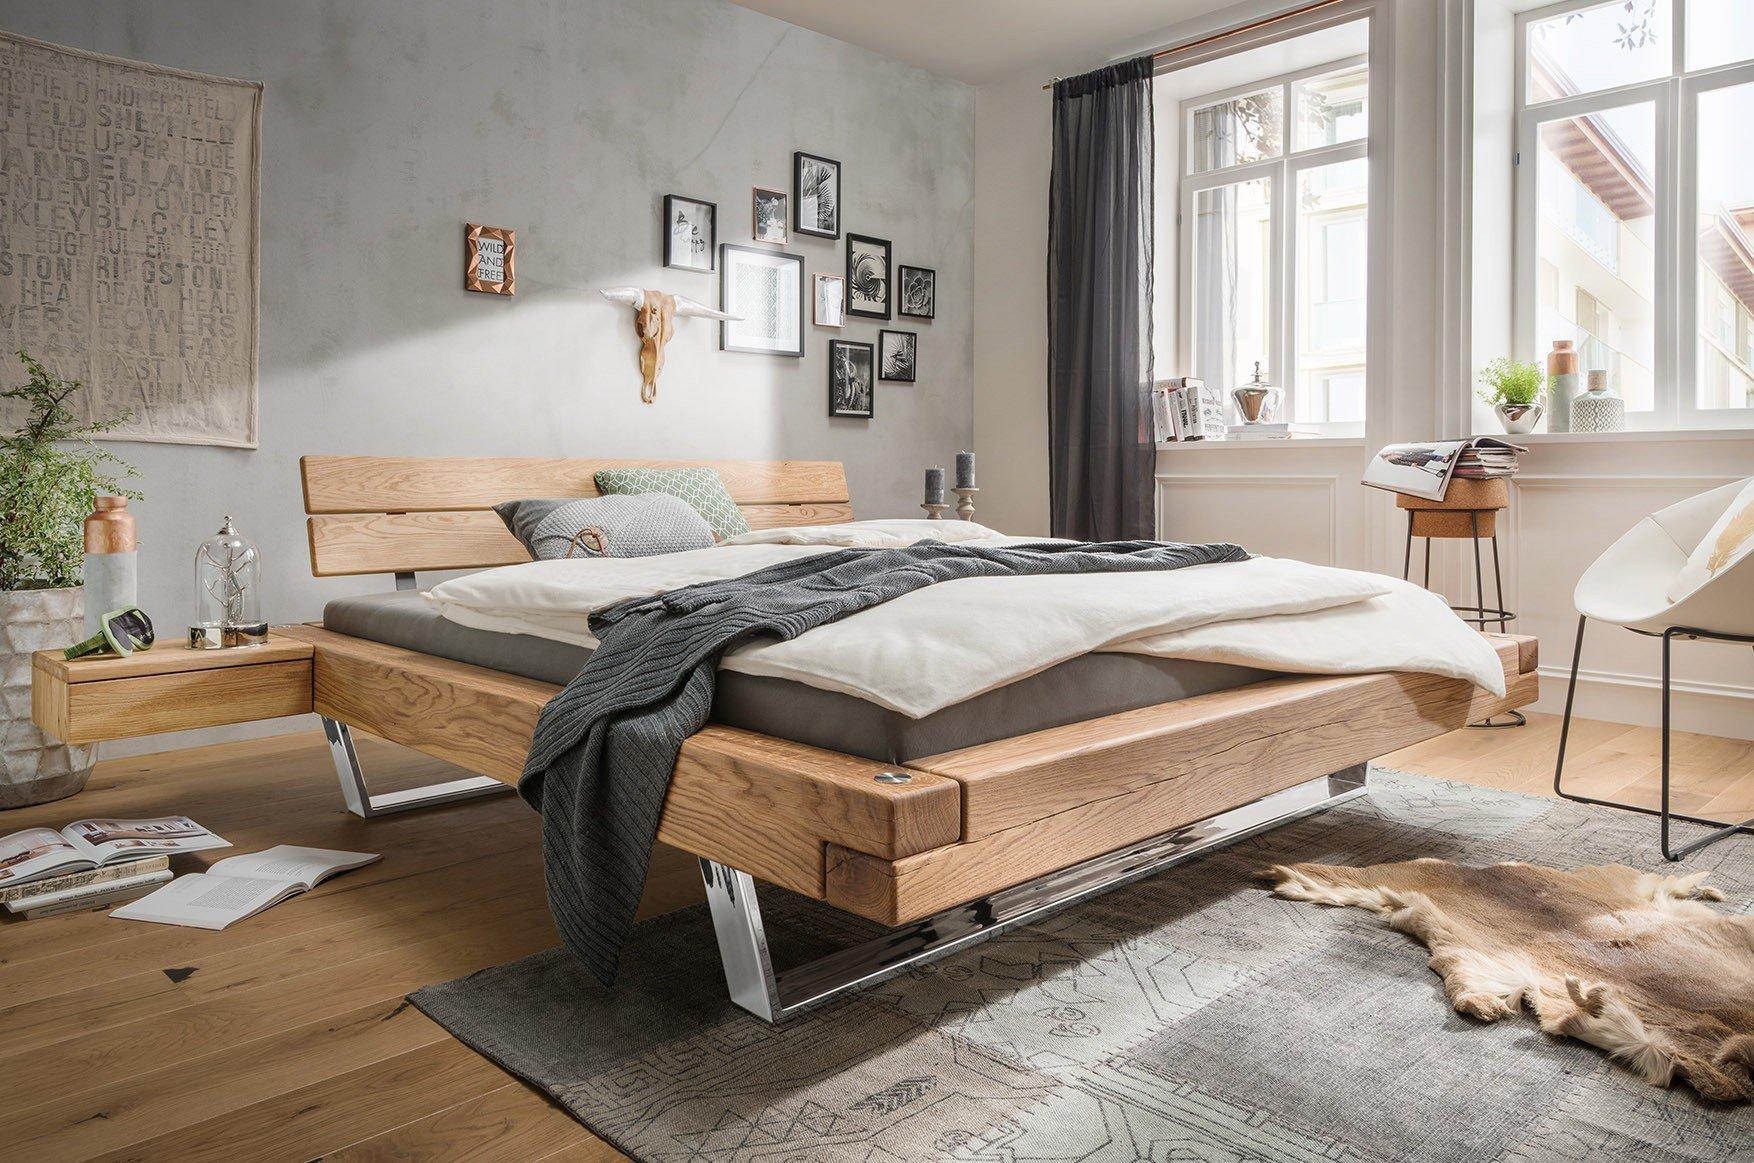 Schwebebalkenbett V Kollektion Letz Wildeiche Möbel Letz Ihr